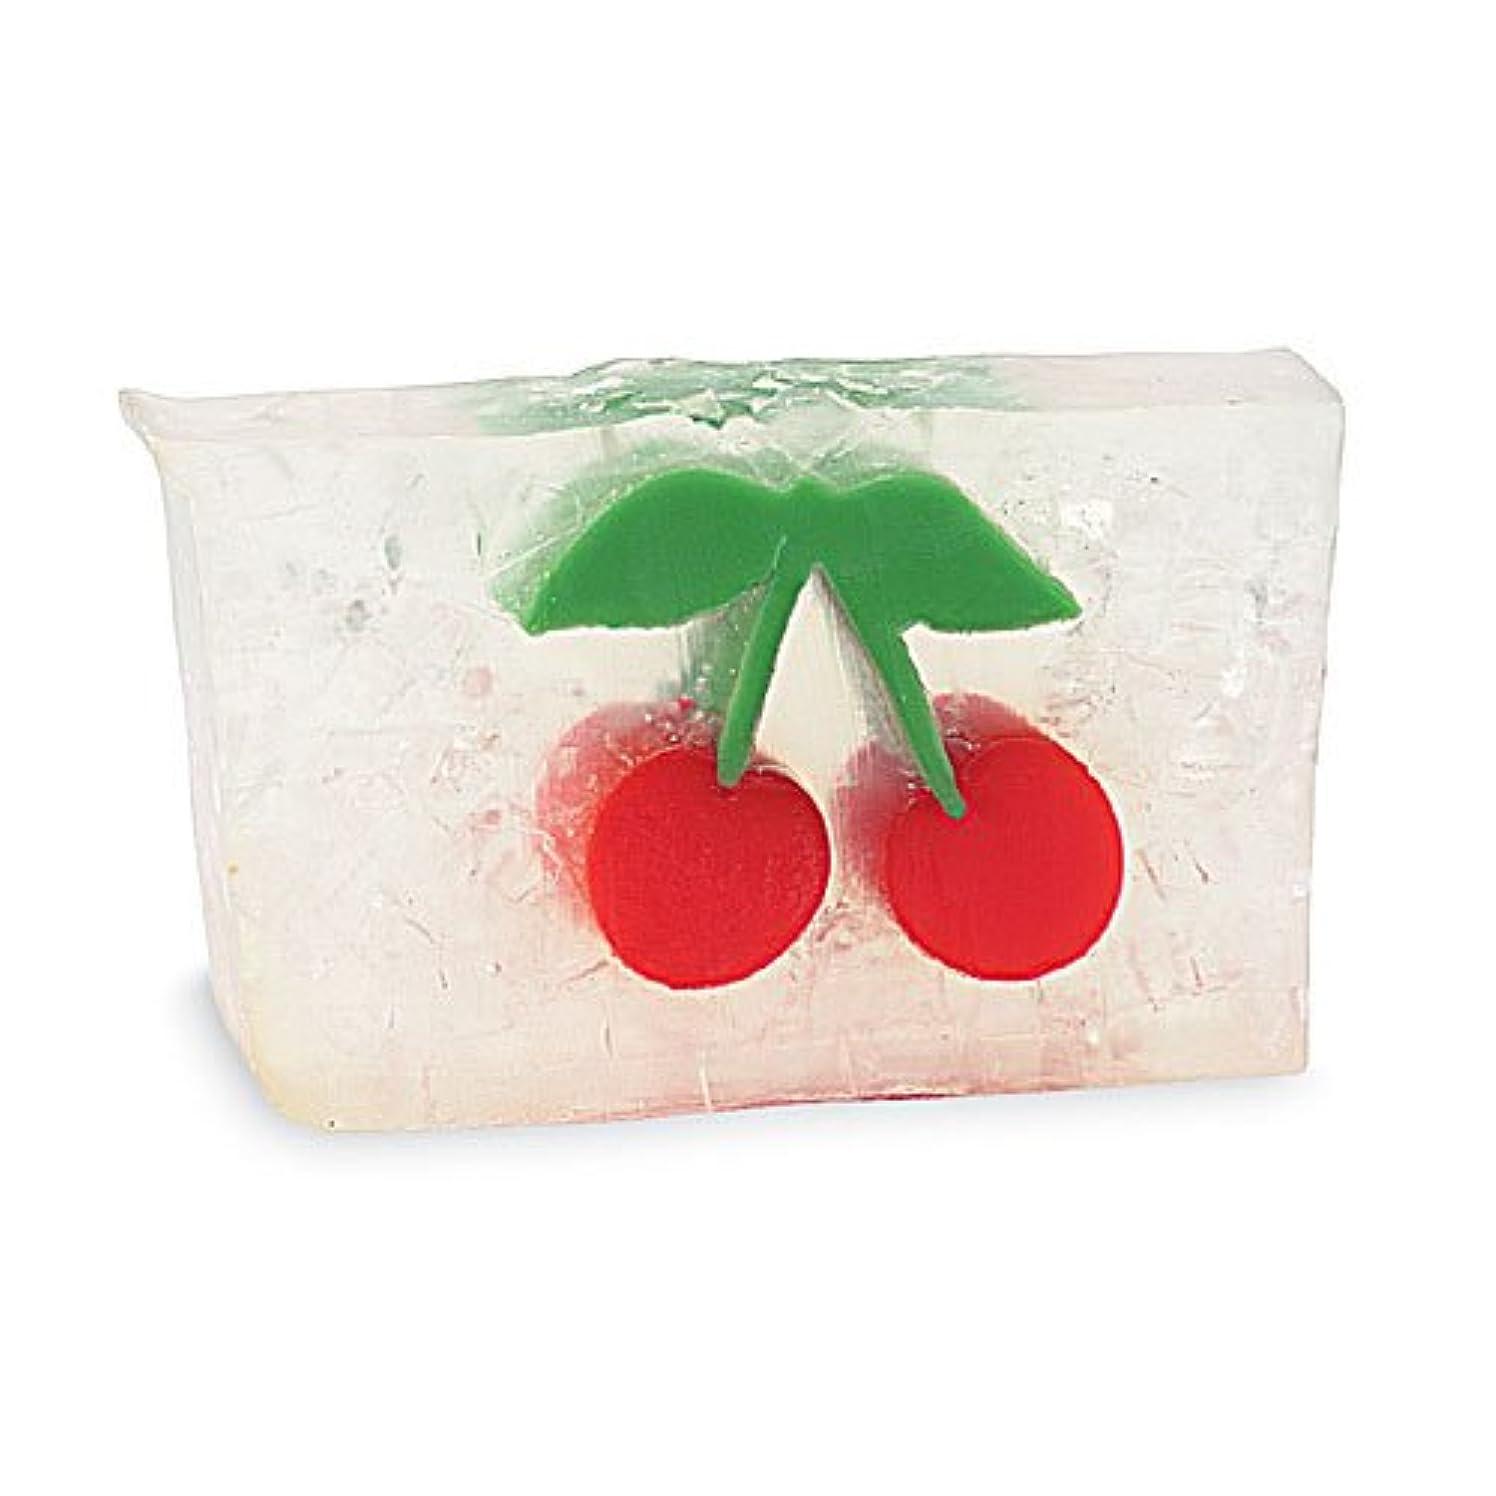 施設デッドロック高めるプライモールエレメンツ アロマティック ソープ チェリー 180g 植物性 ナチュラル 石鹸 無添加